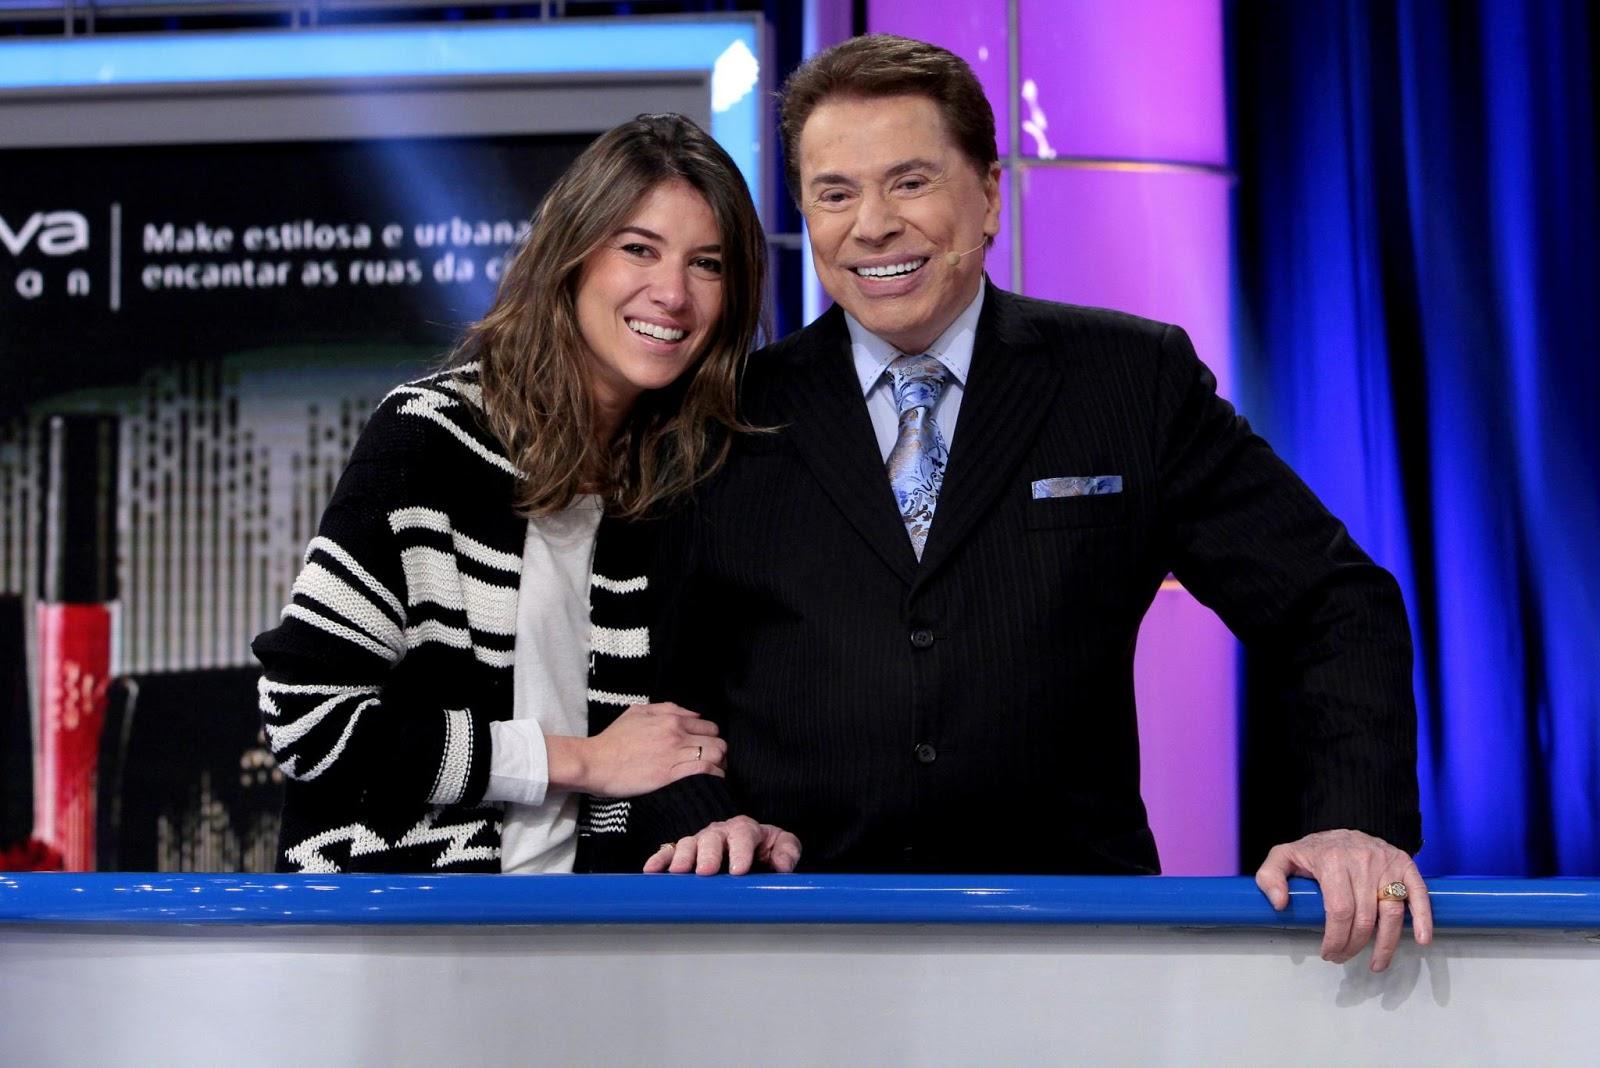 Rebeca e Silvio no comando da atração (Crédito: Lourival Ribeiro/SBT)